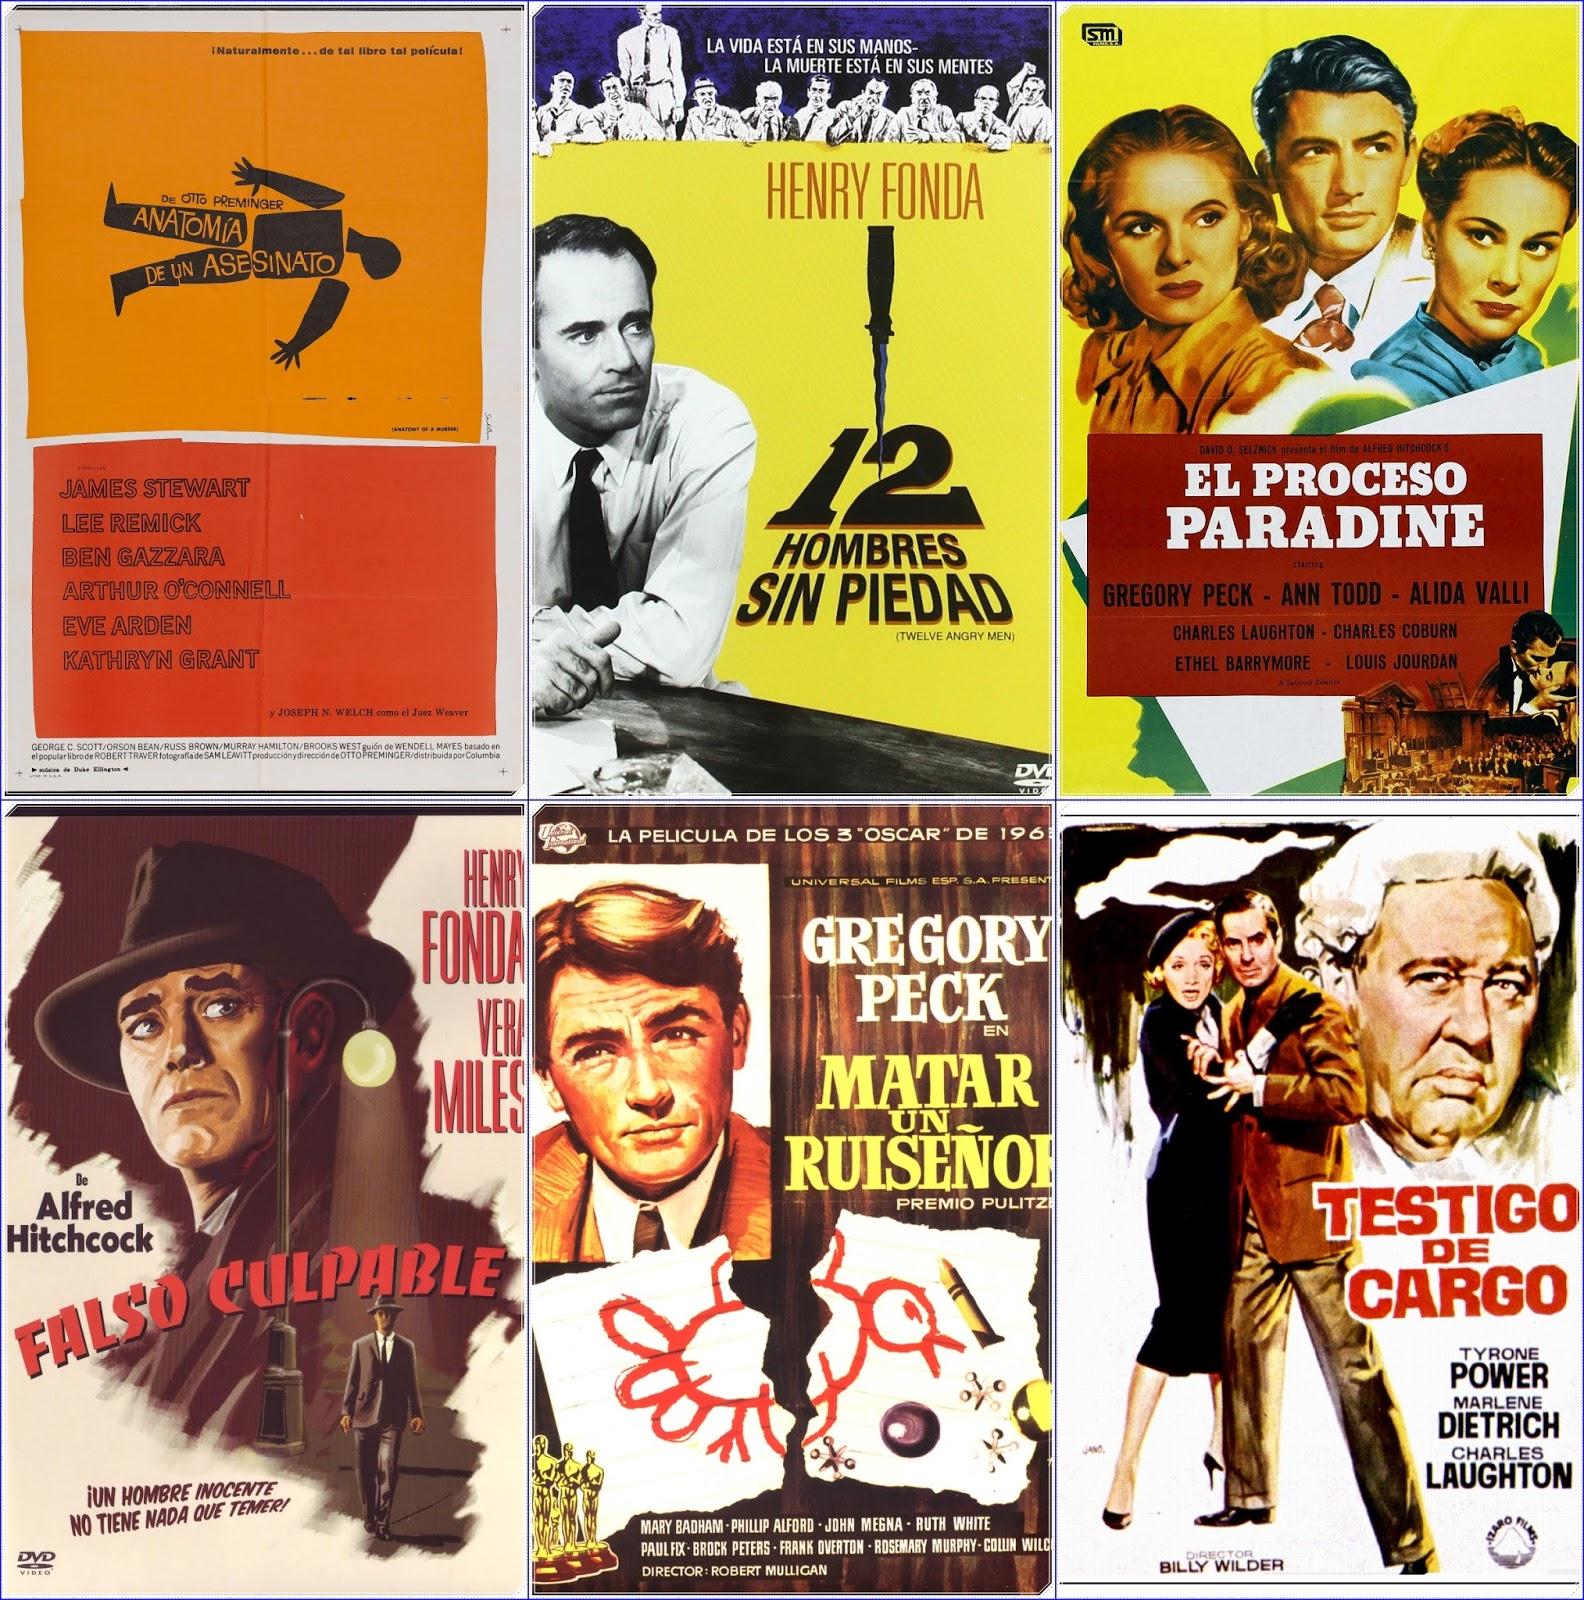 LINTERNA MÁGICA: El proceso judicial a través del cine